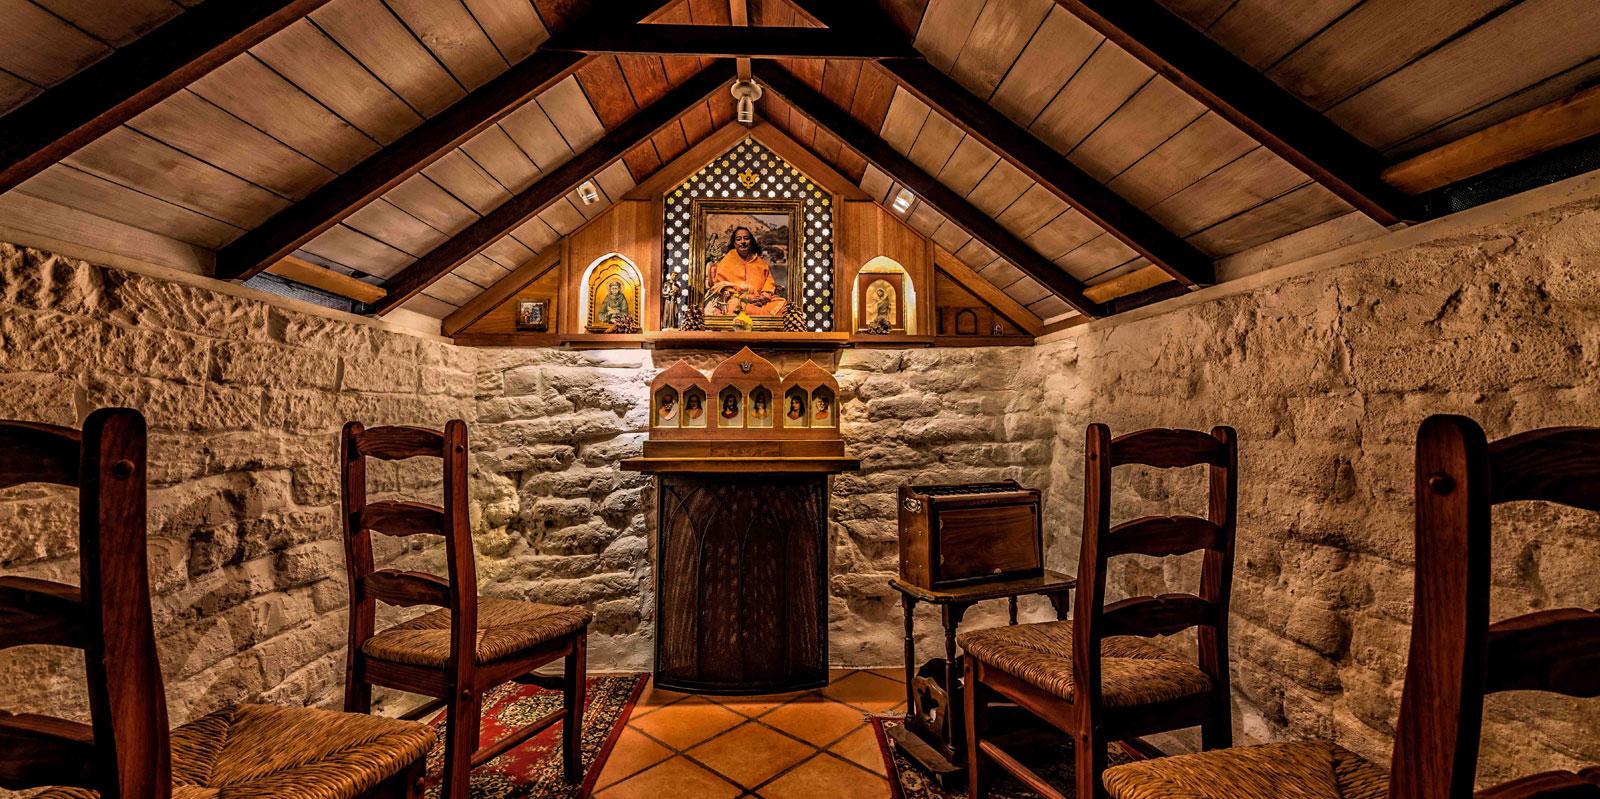 monasticlife